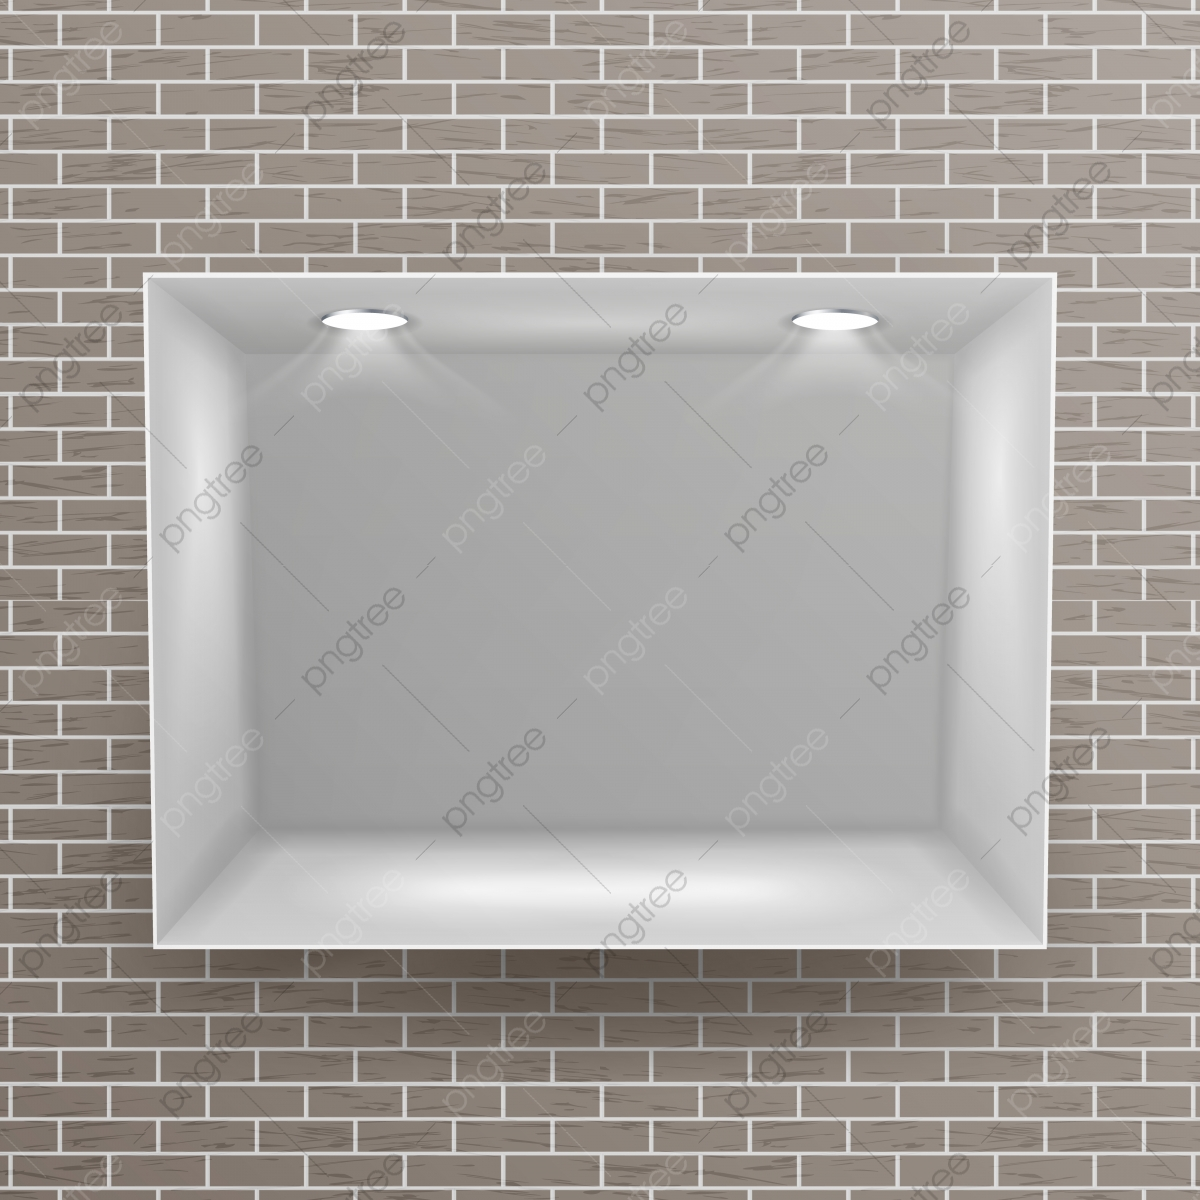 Etagere Sur Mur En Brique niche vide vecteur réaliste mur de briques nettoyer étagère